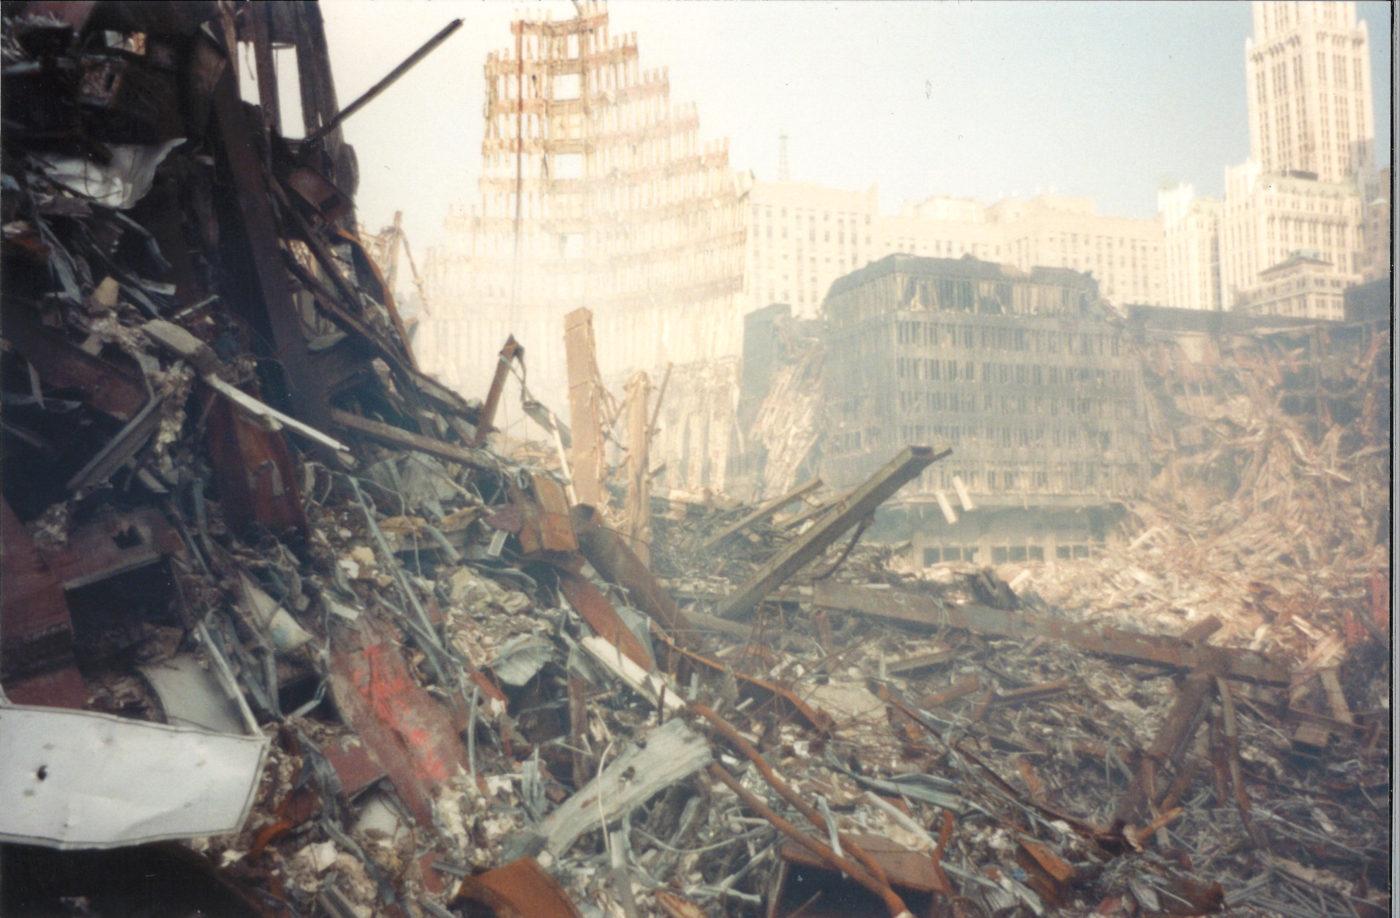 Rubble and Debris at Ground Zero (2)